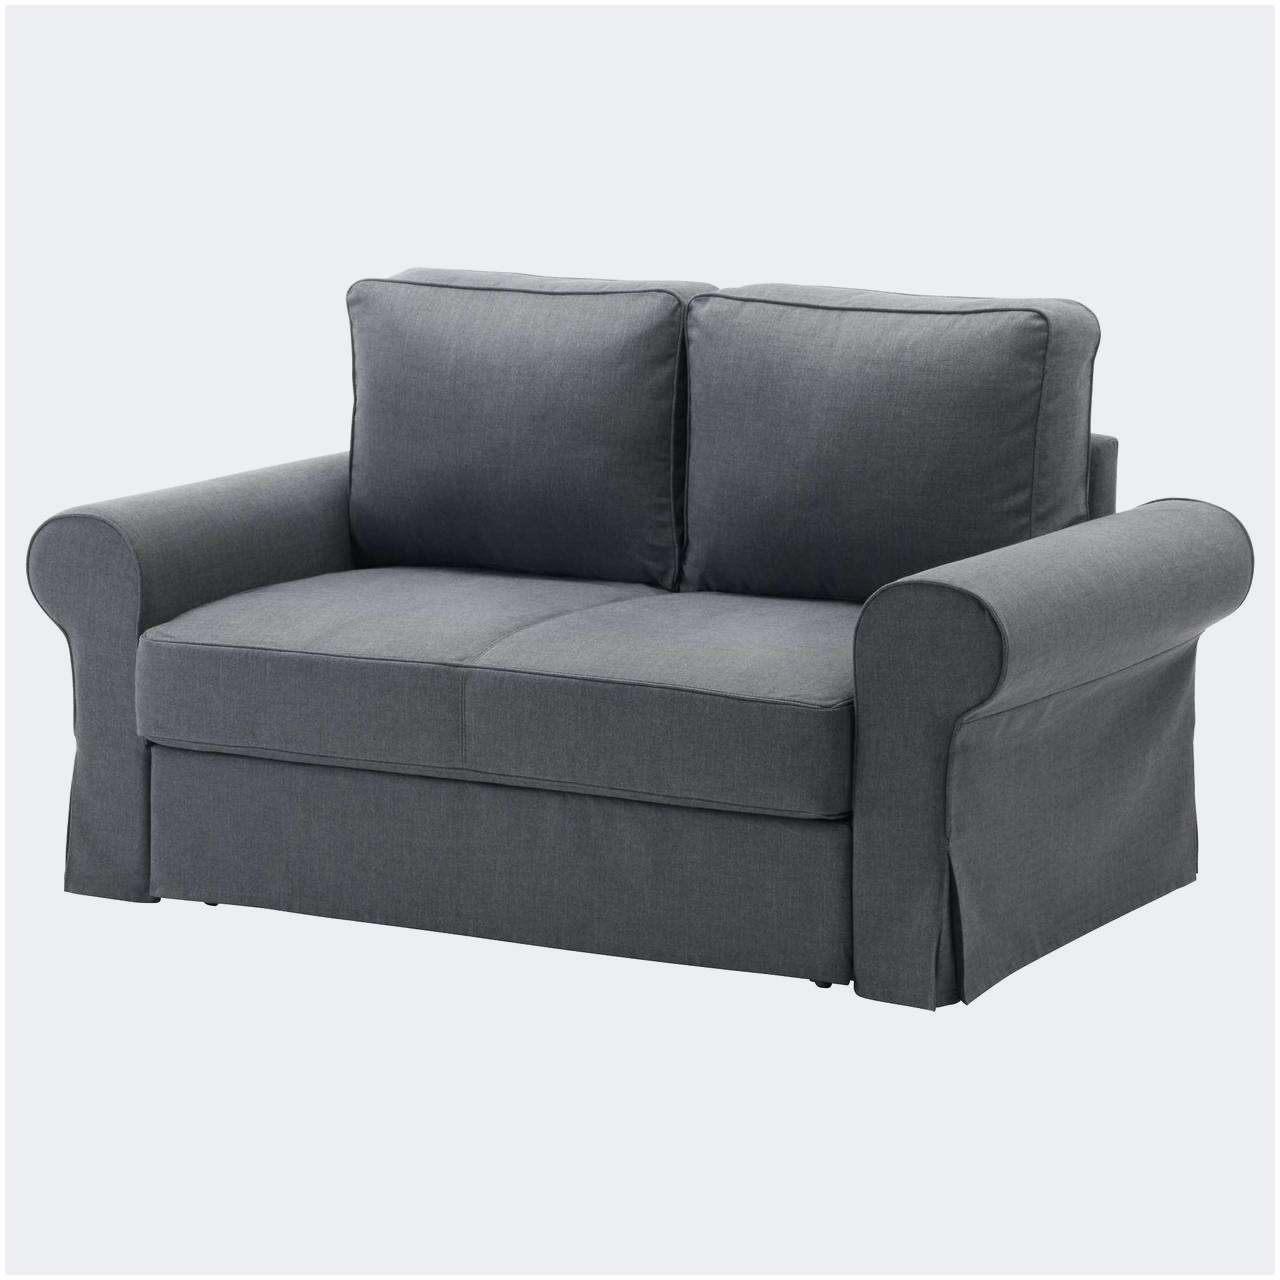 Canapé Convertible Vrai Lit Joli Nouveau 32 De Luxes Canapé Lit Couchage Quoti N Ikea Pour Excellent